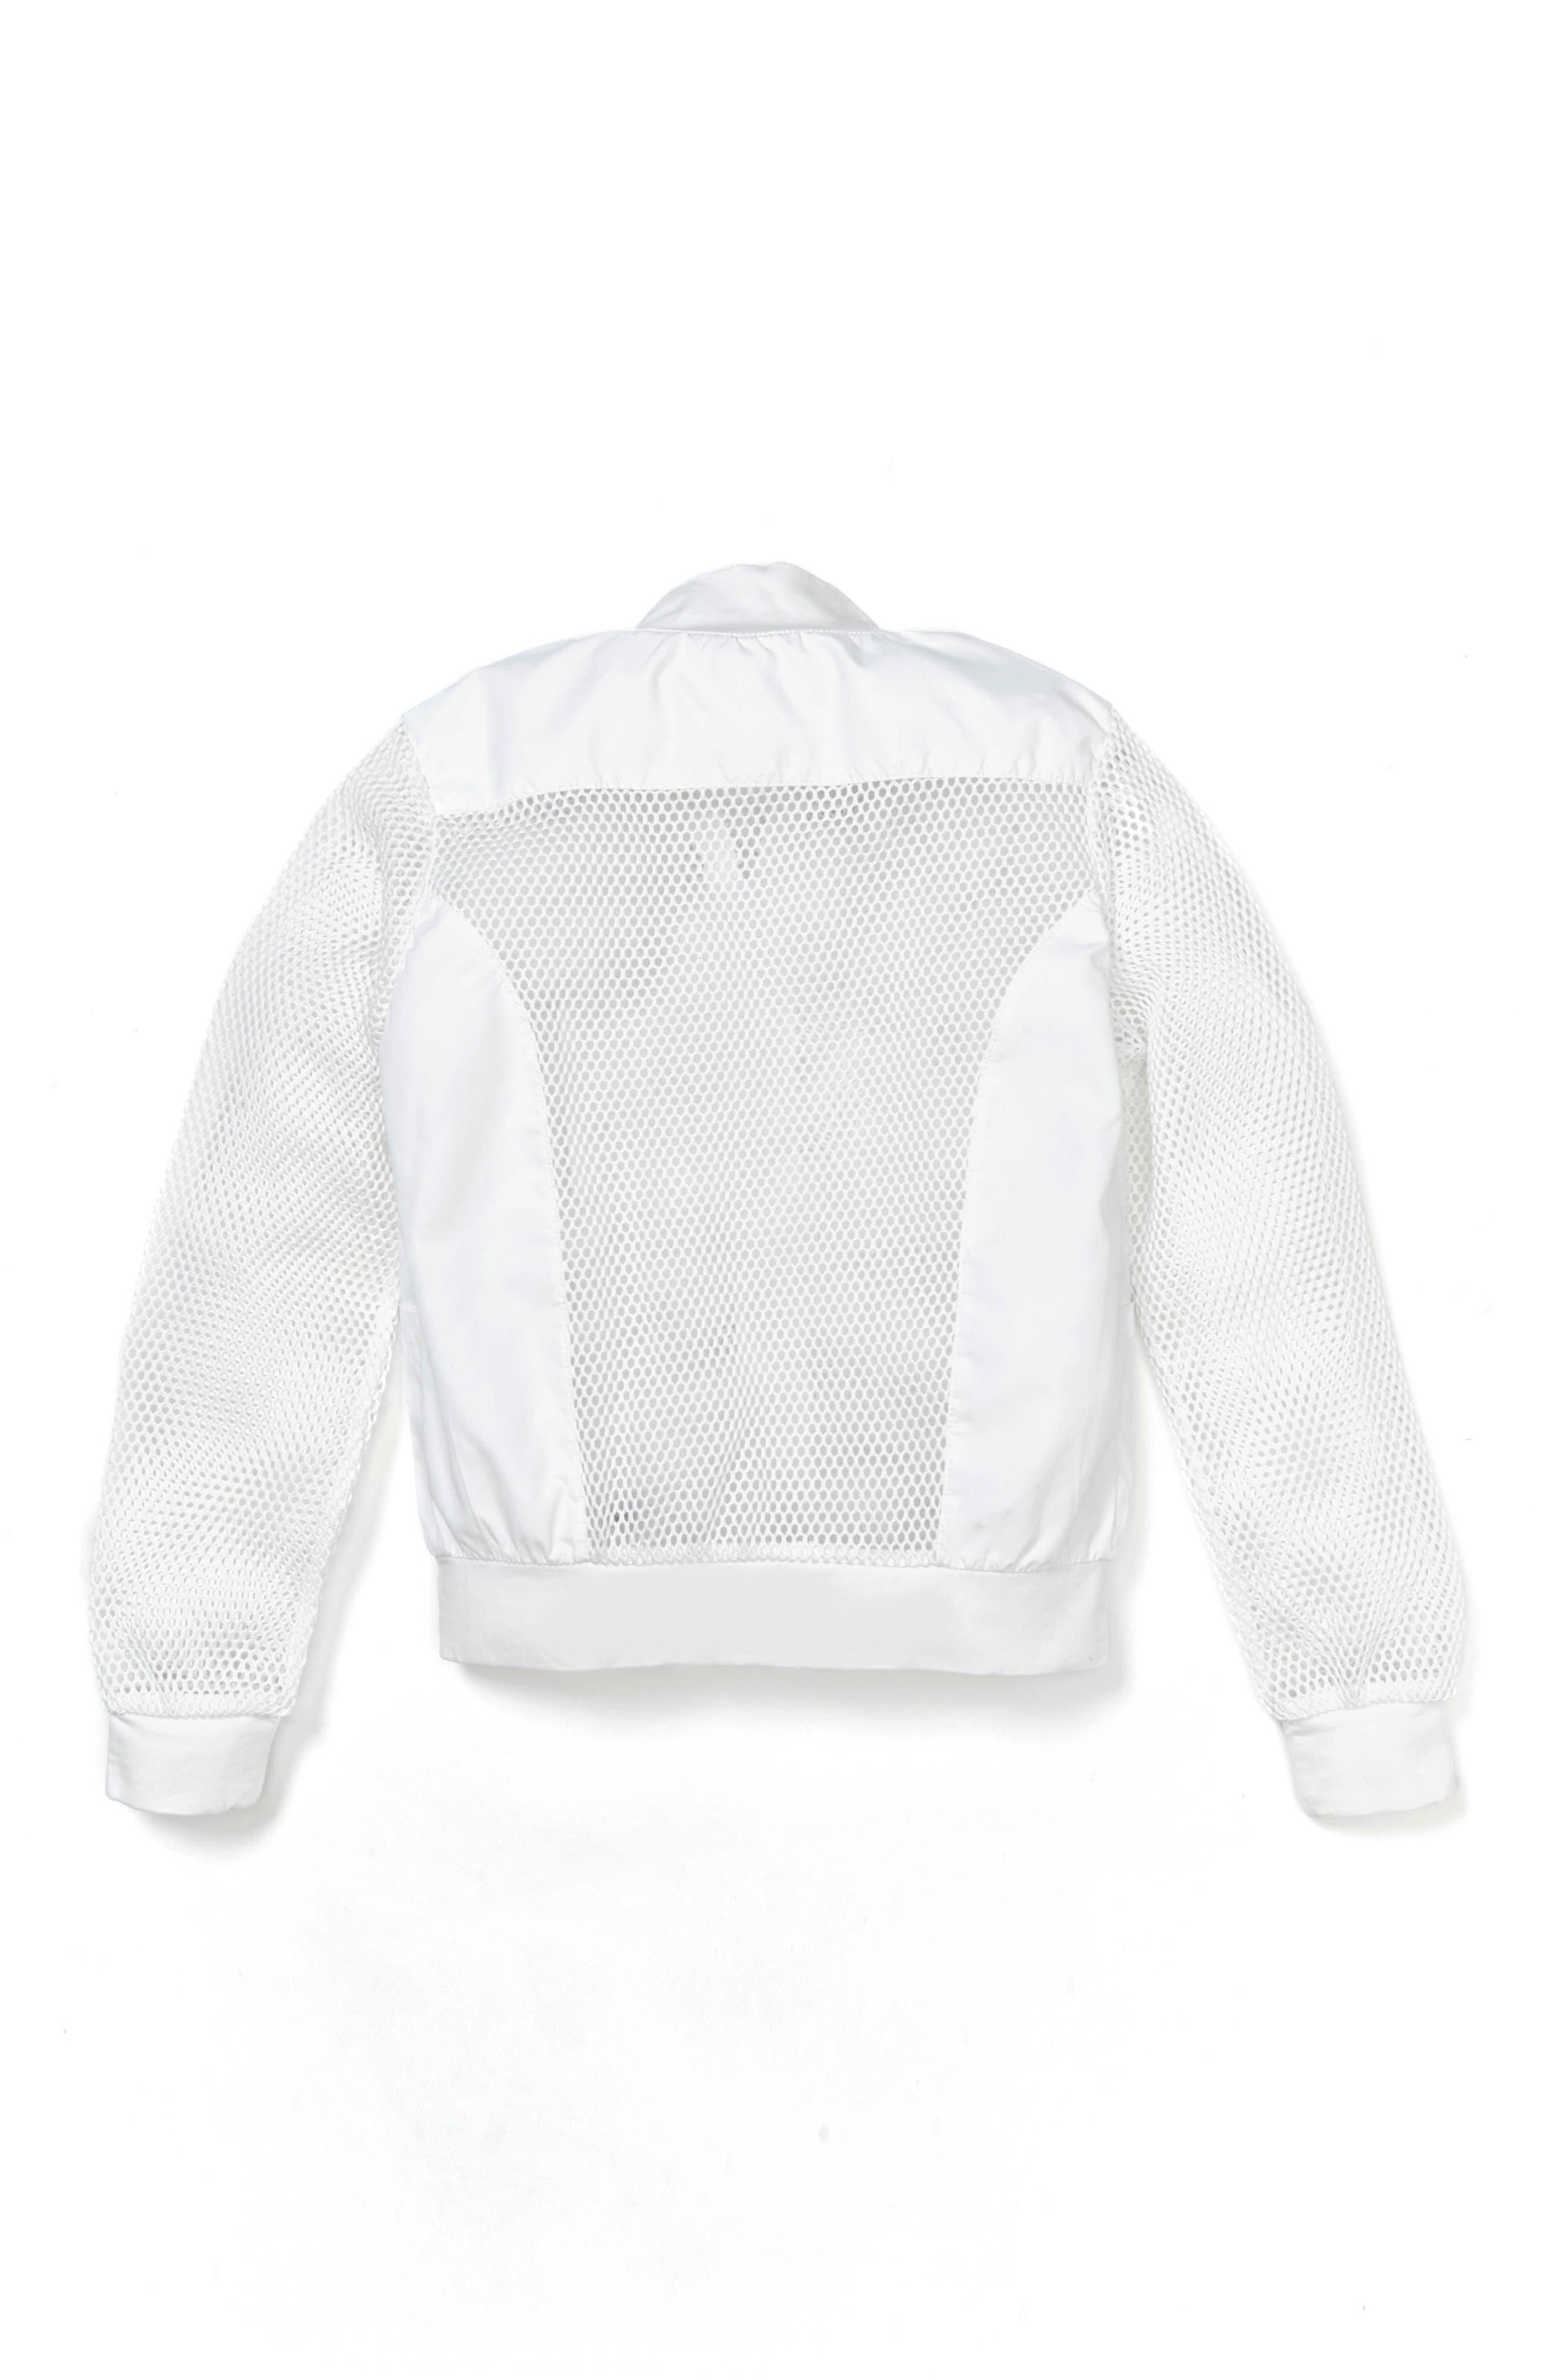 Keya Mesh Bomber Jacket,                             Alternate thumbnail 2, color,                             White